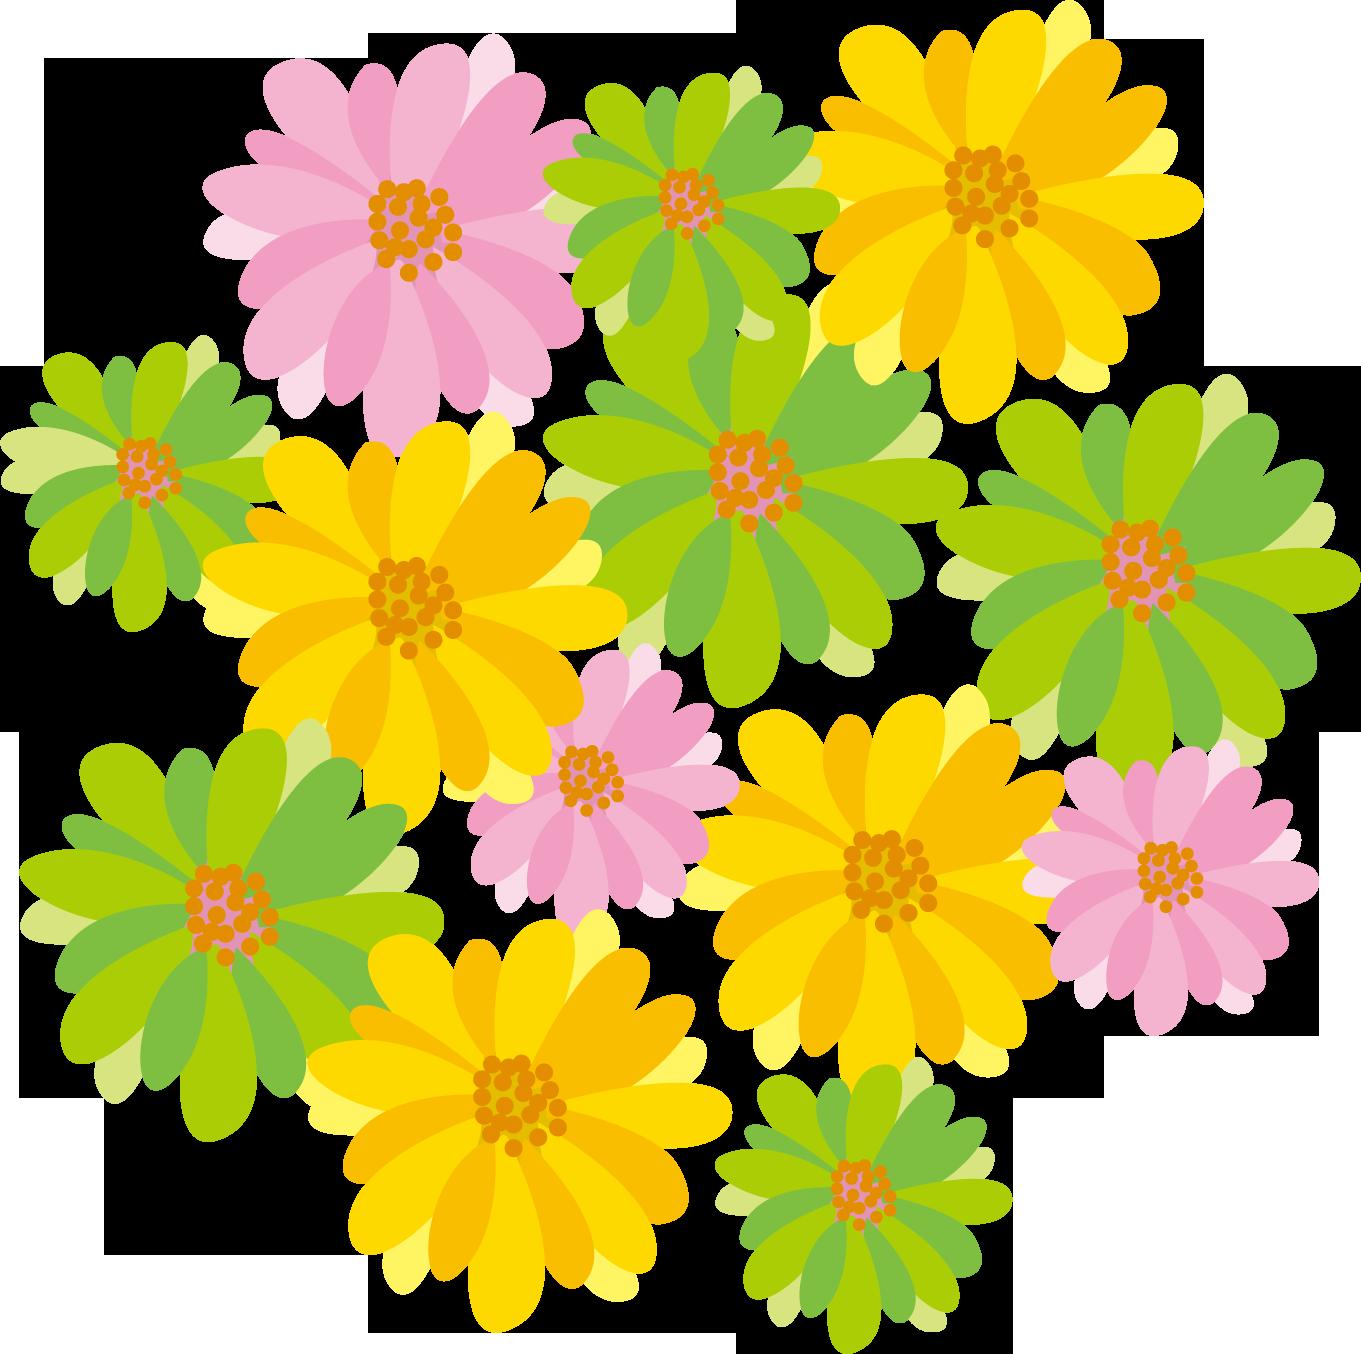 花のイラスト・フリー素材|ダウンロード07【素材っち】